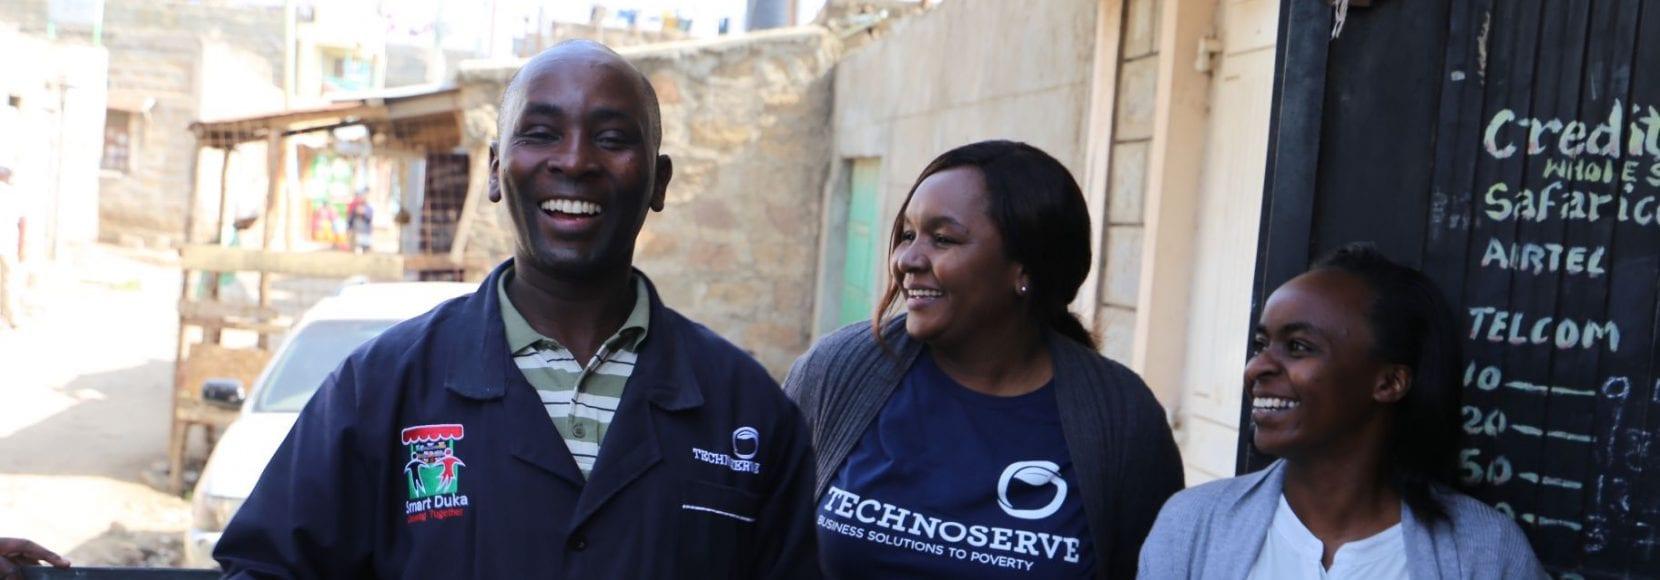 Duka owners smiling in Kenya